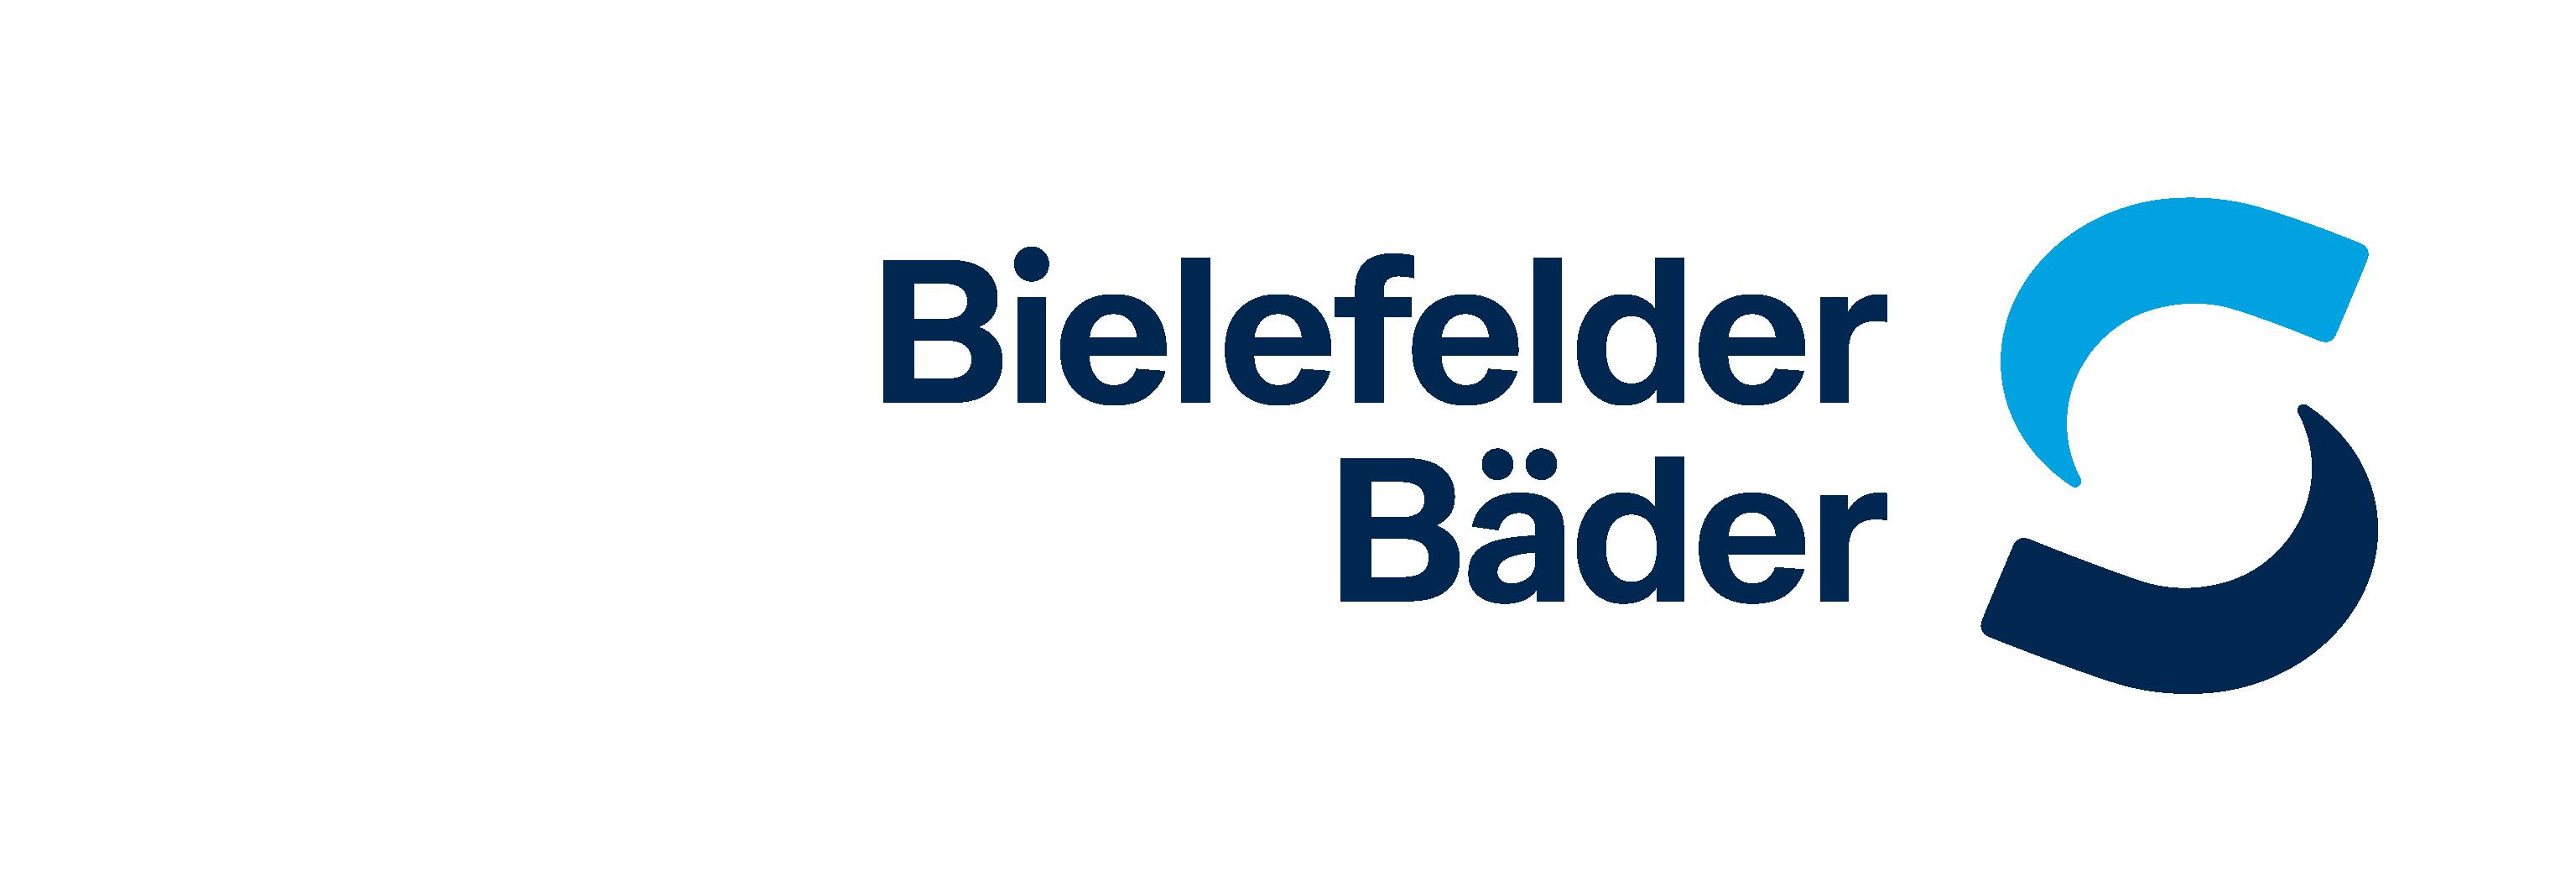 BBF-Bielefelder Bäder und Freizeit GmbH